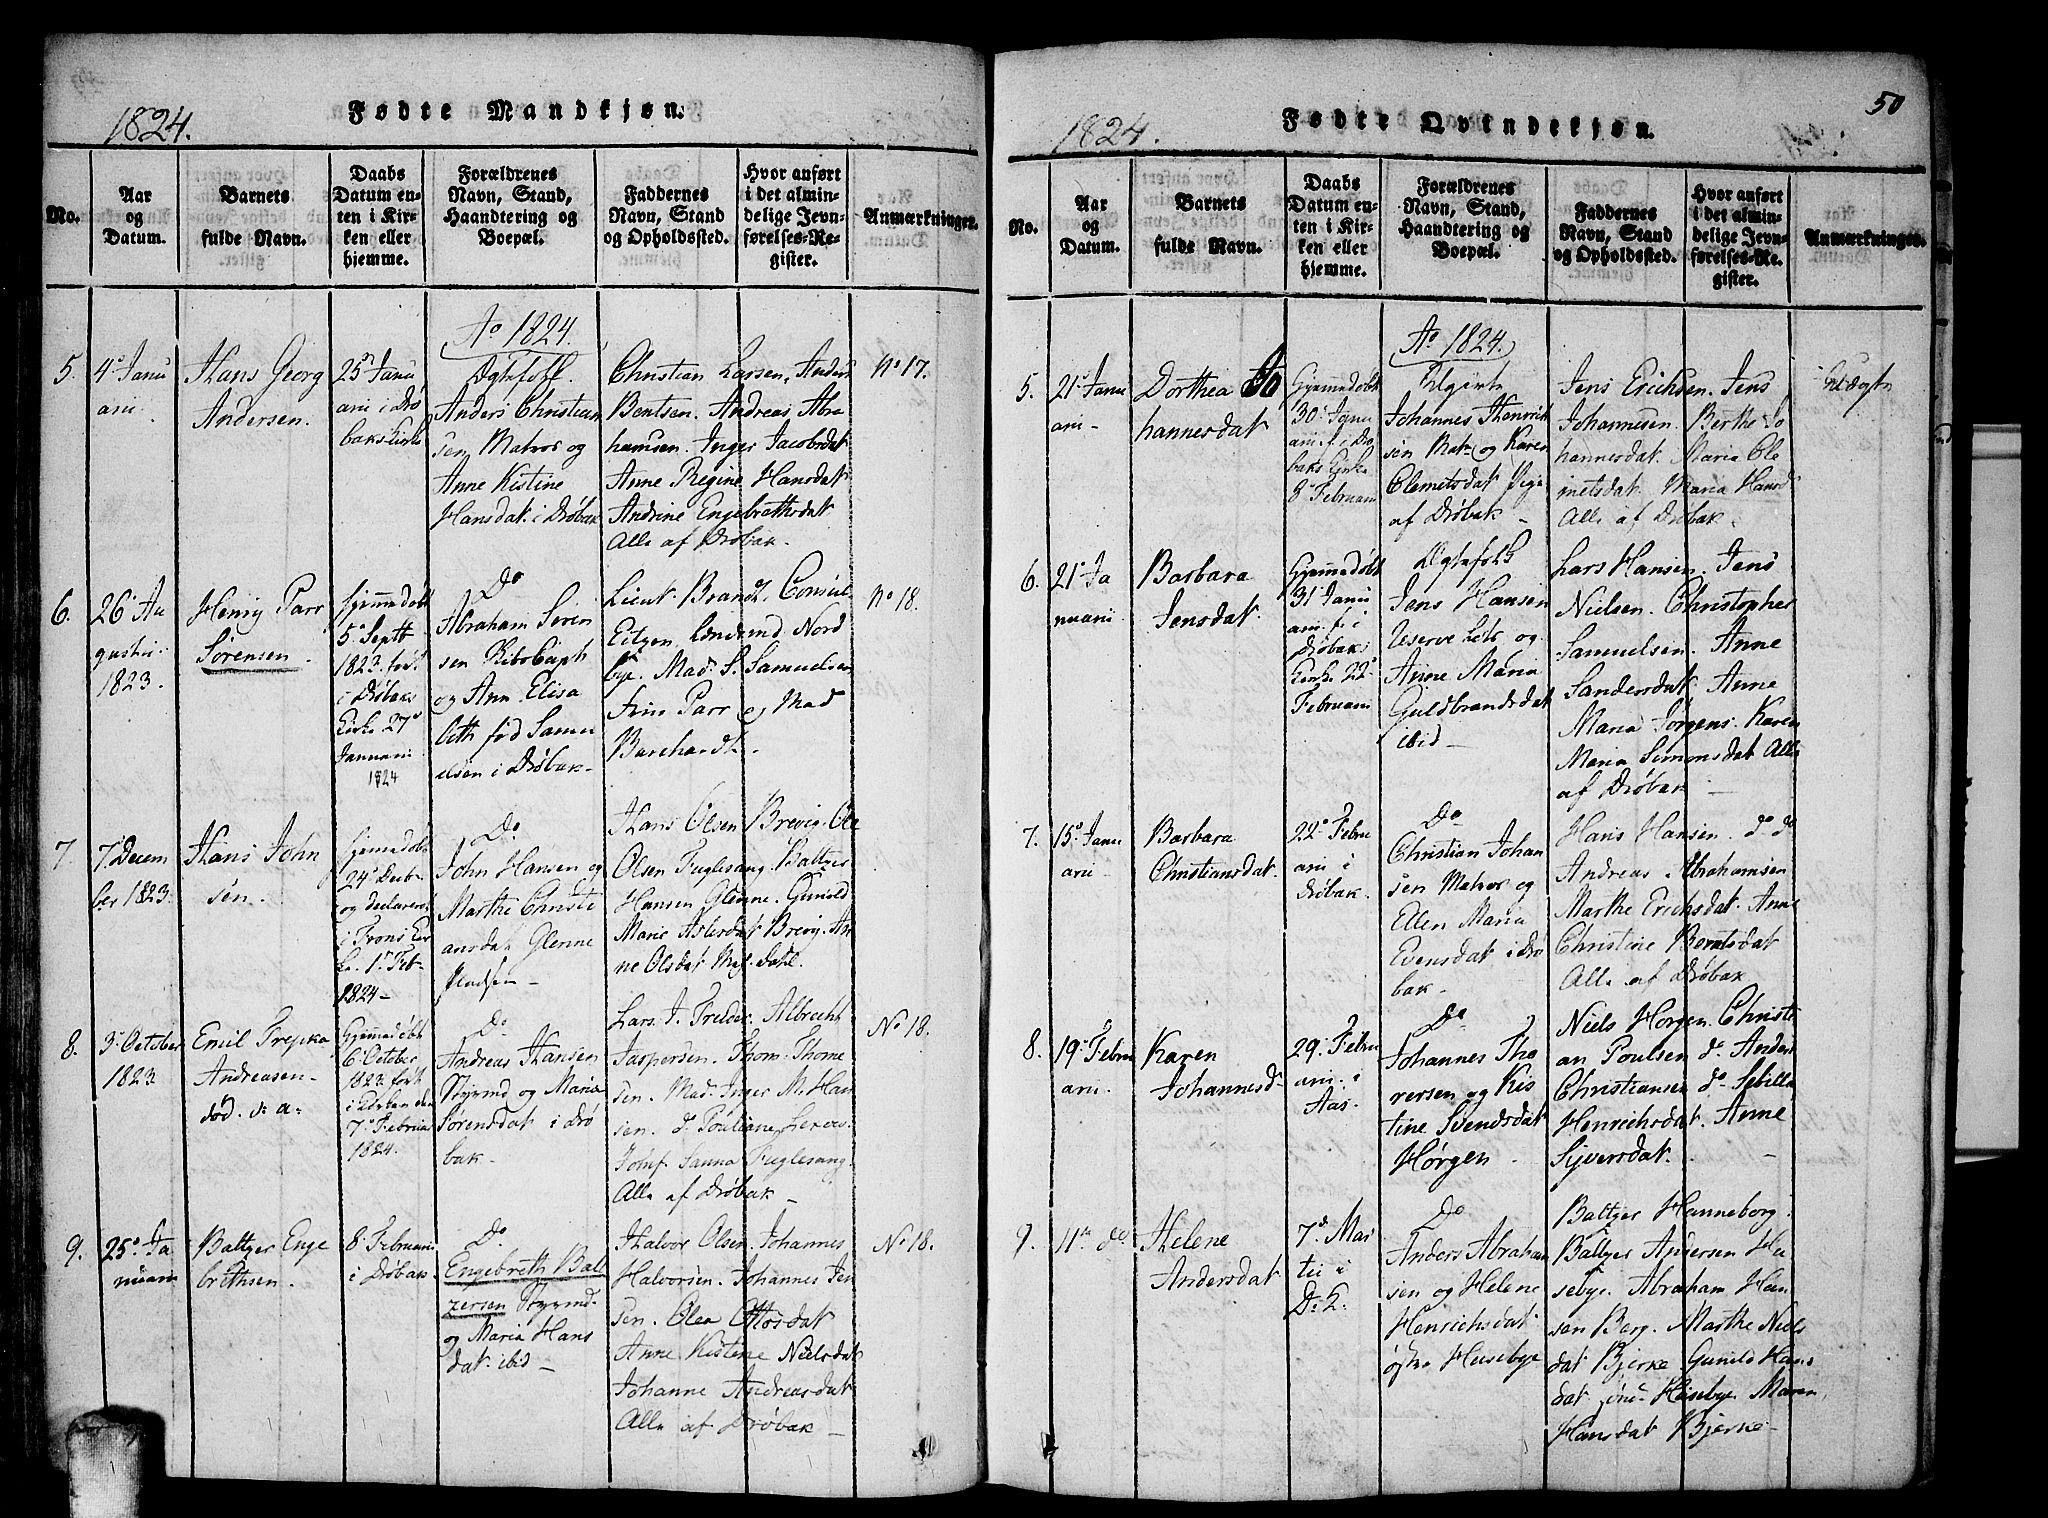 SAO, Drøbak prestekontor Kirkebøker, F/Fa/L0001: Ministerialbok nr. I 1, 1816-1842, s. 50